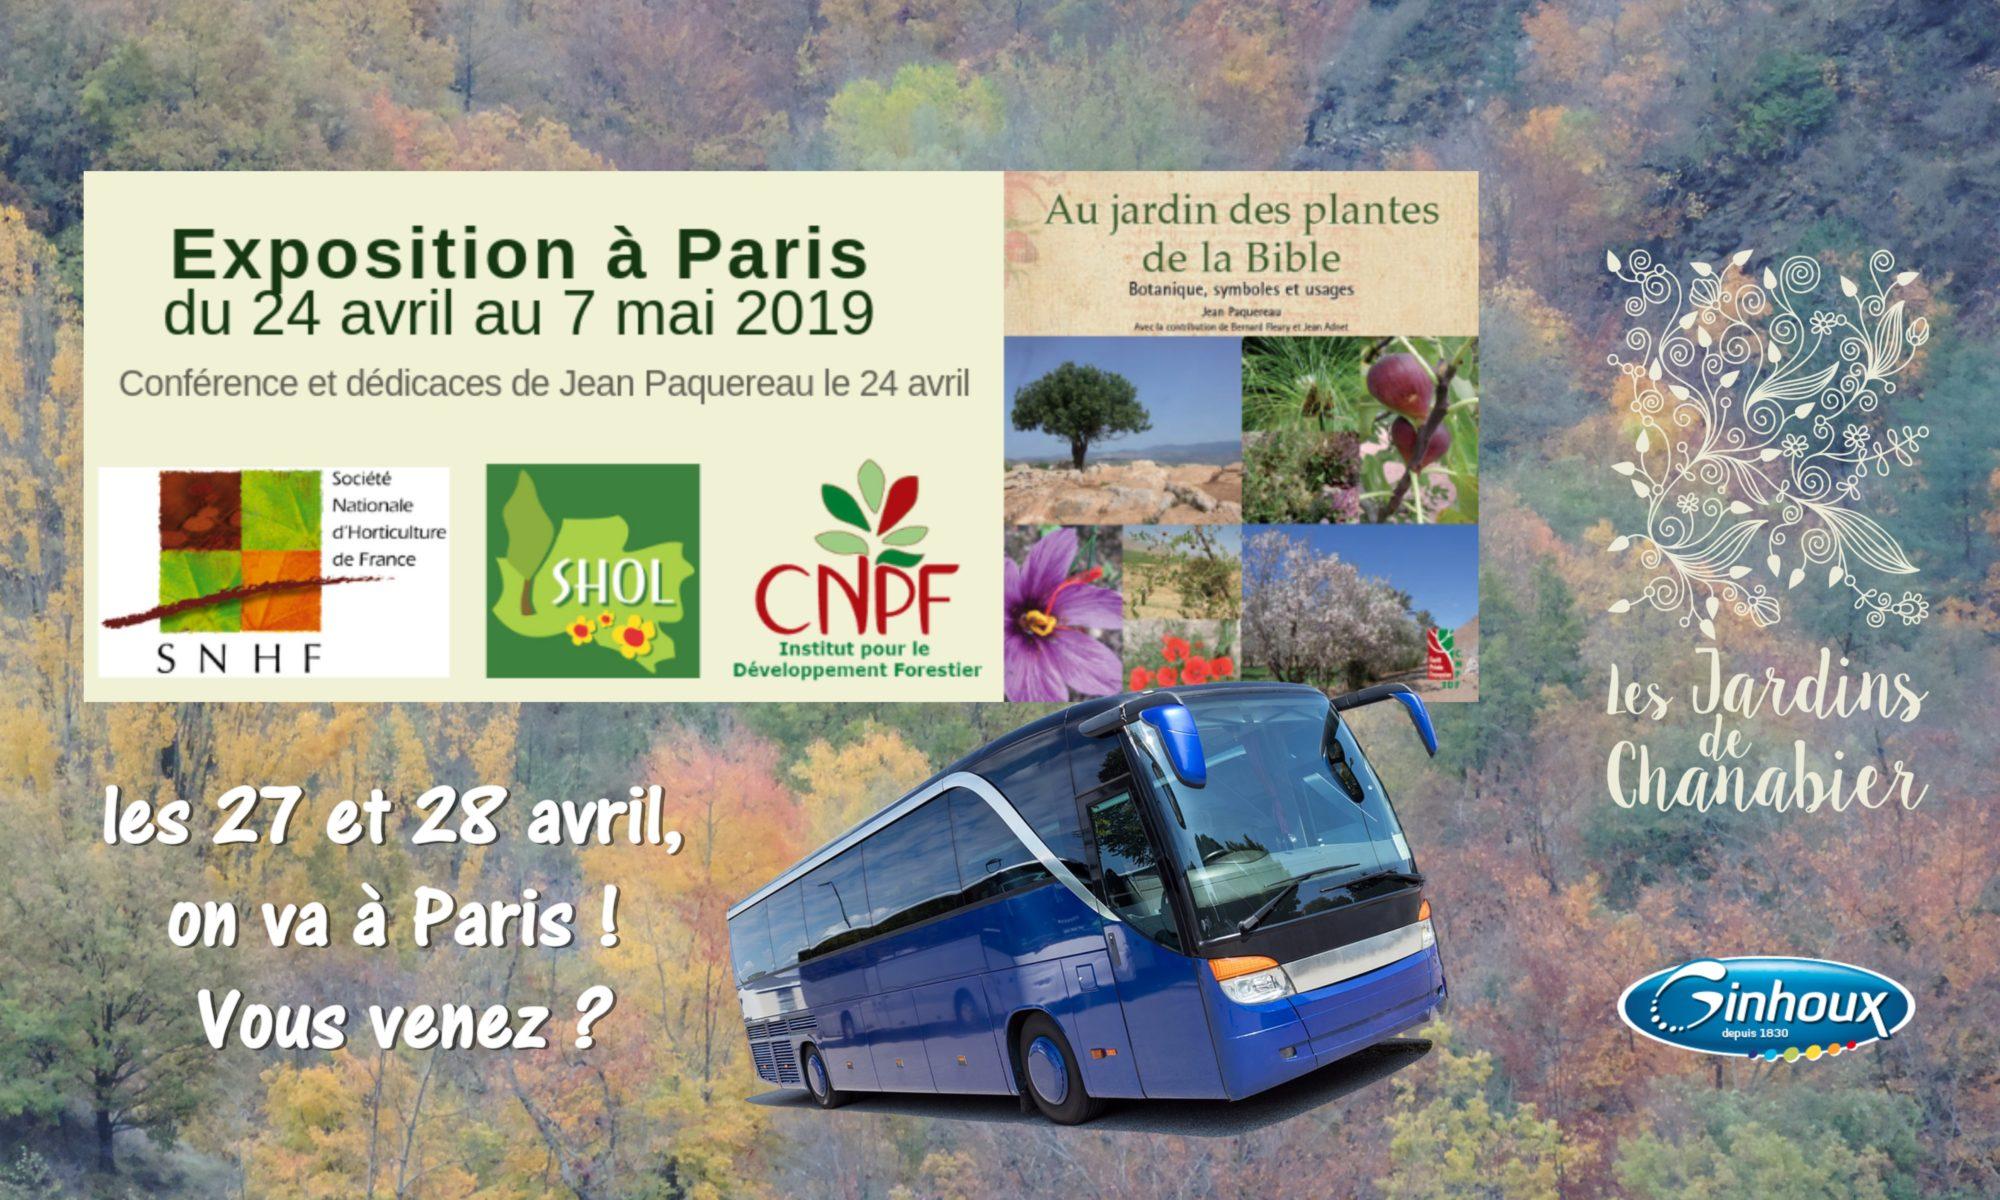 Voyage Exposition Paris